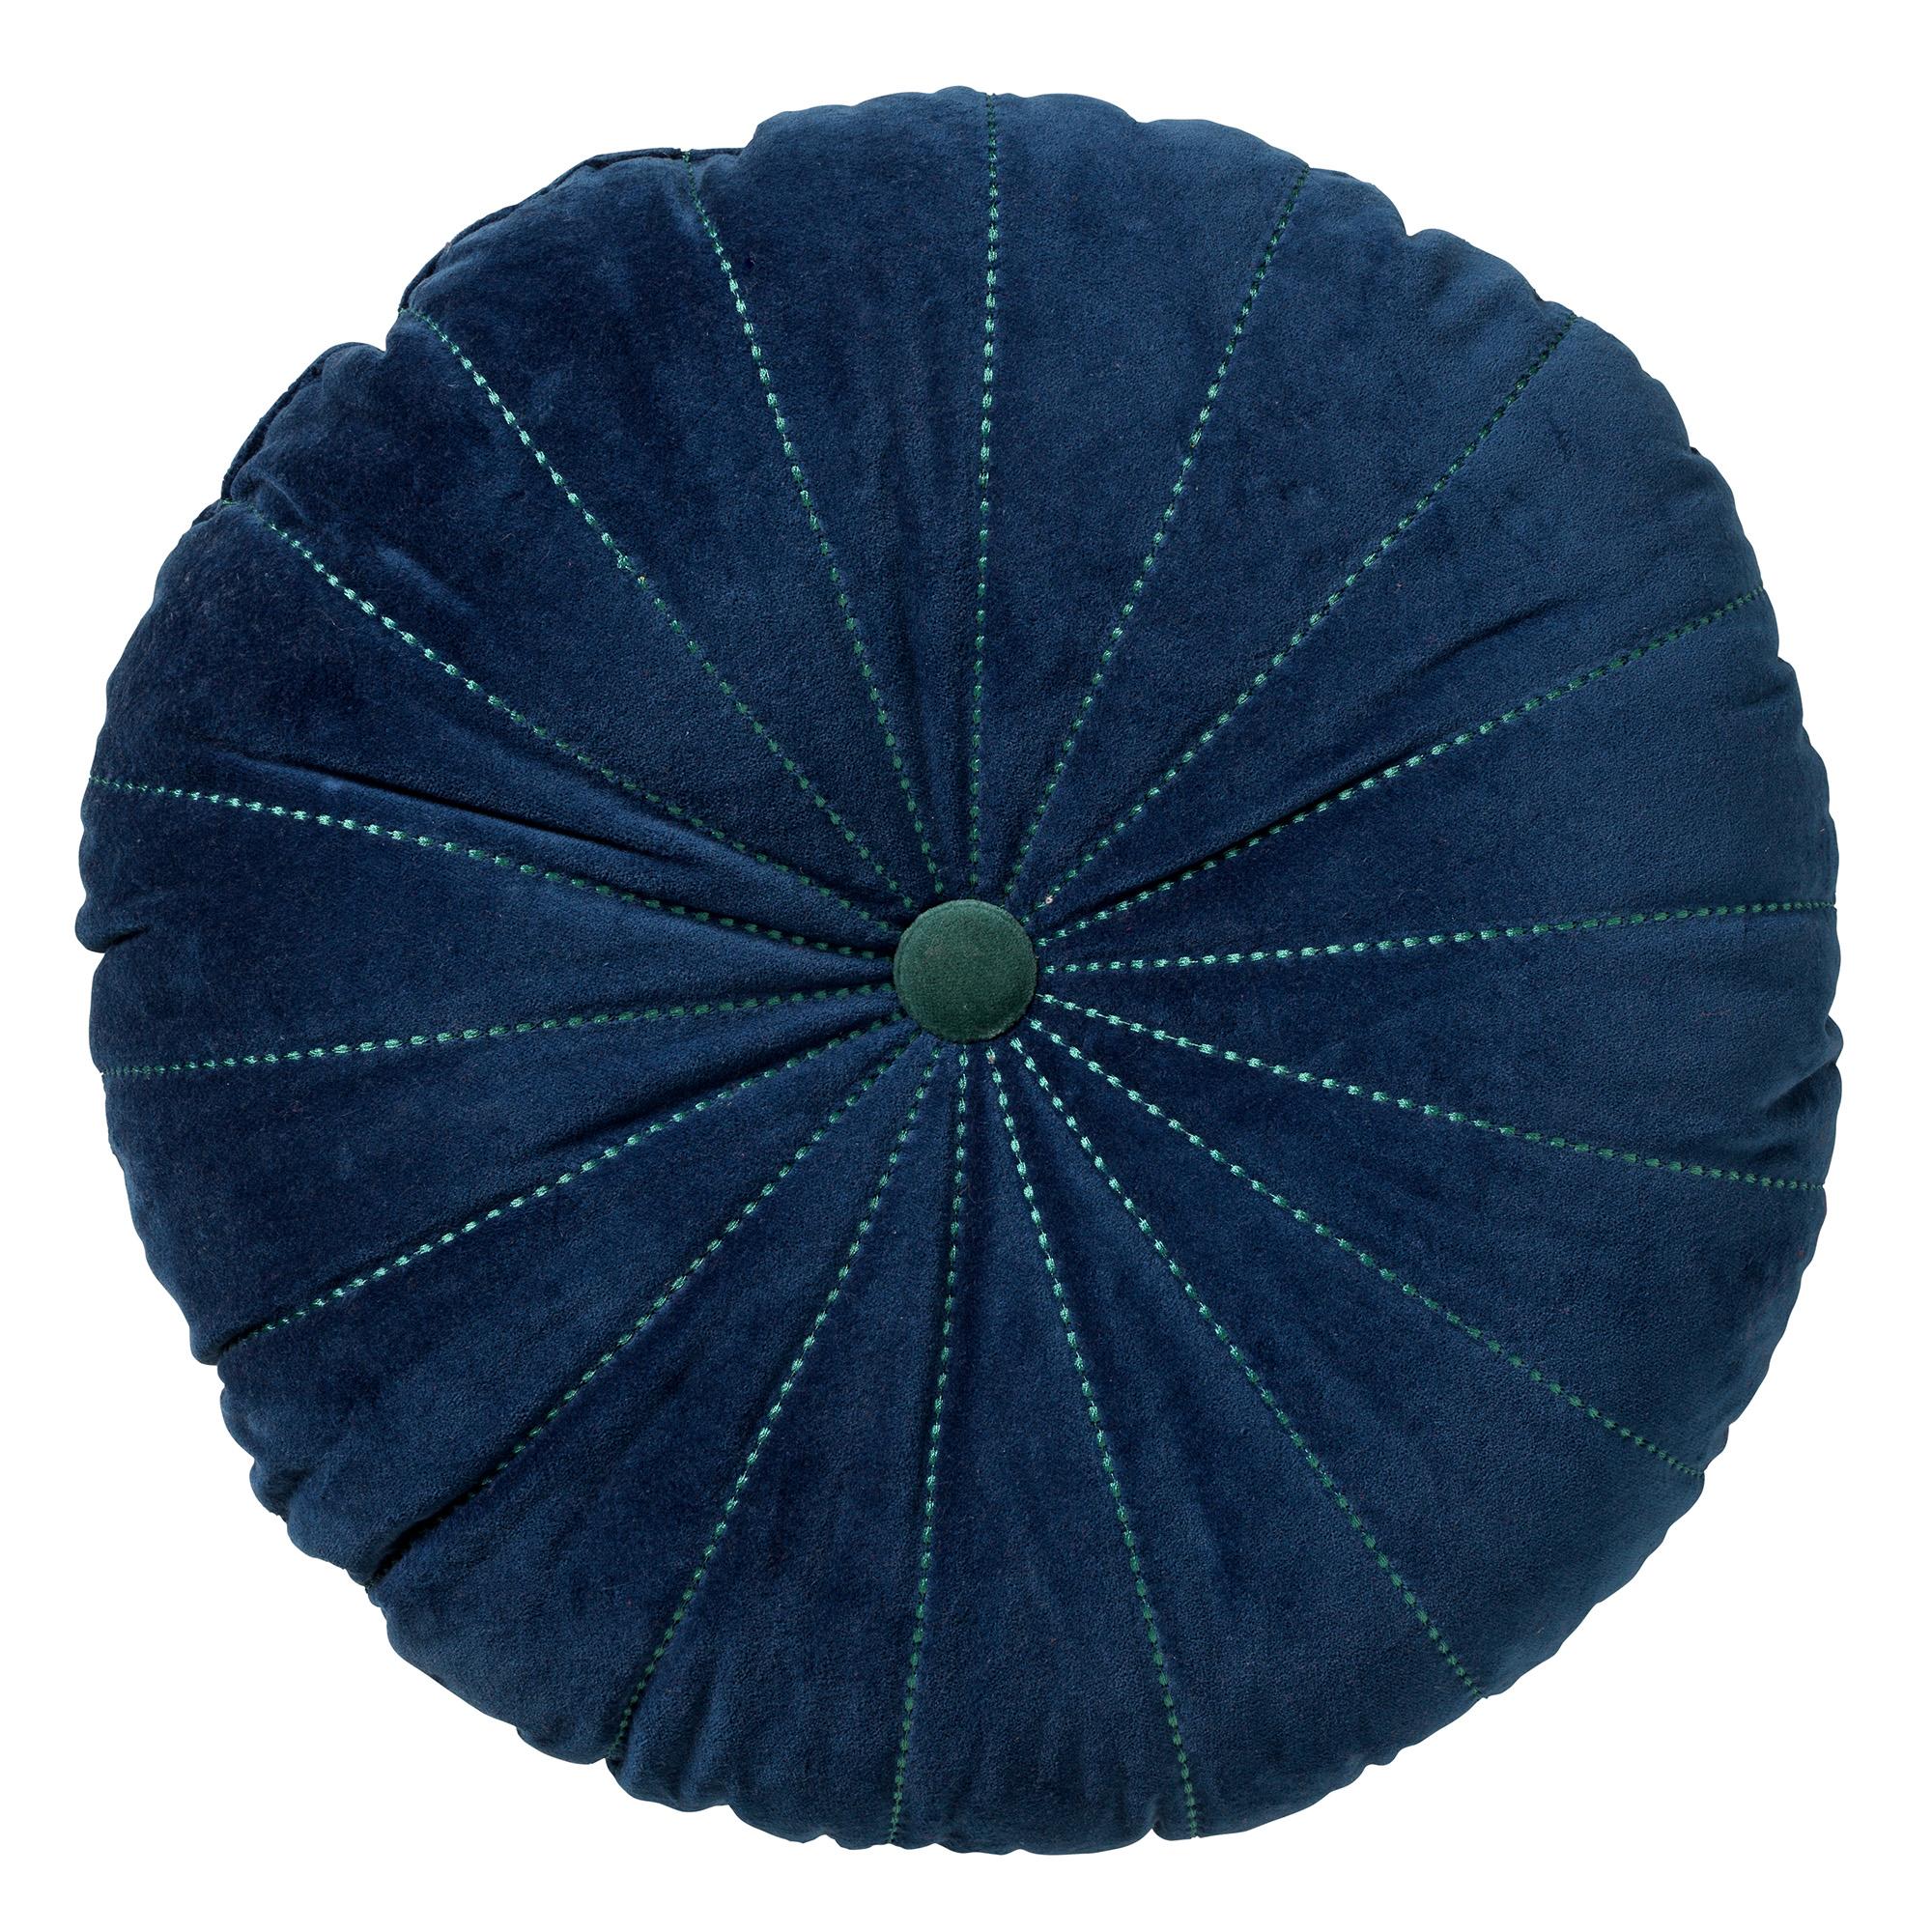 MAAN - Sierkussen rond velvet Insignia Blue 50 cm